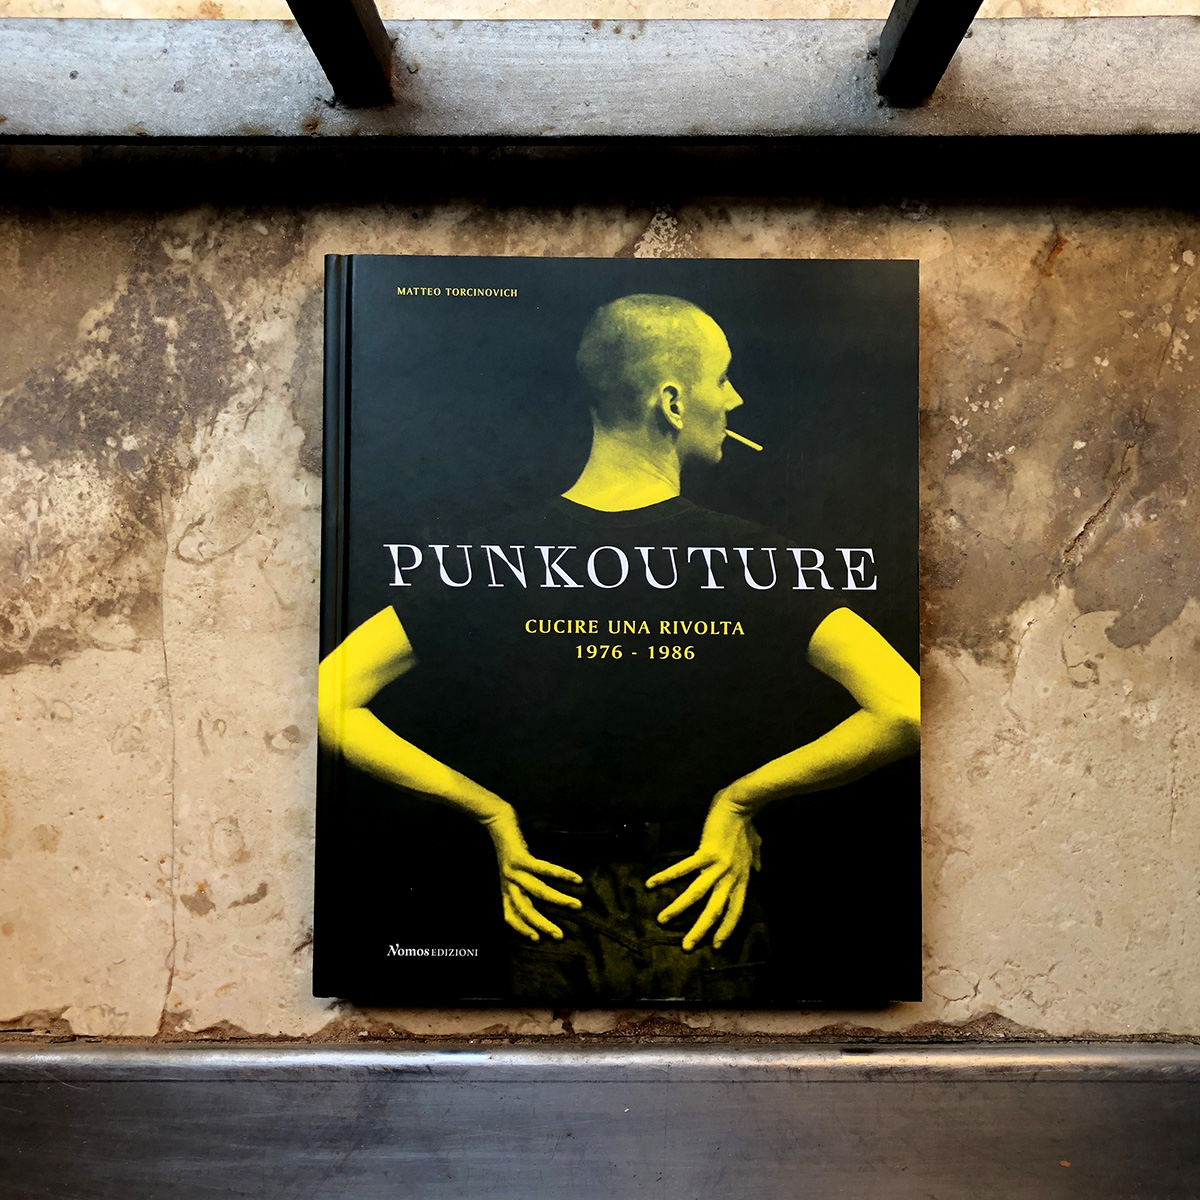 PunkoutureCucire-una-rivolta1976-1986-001